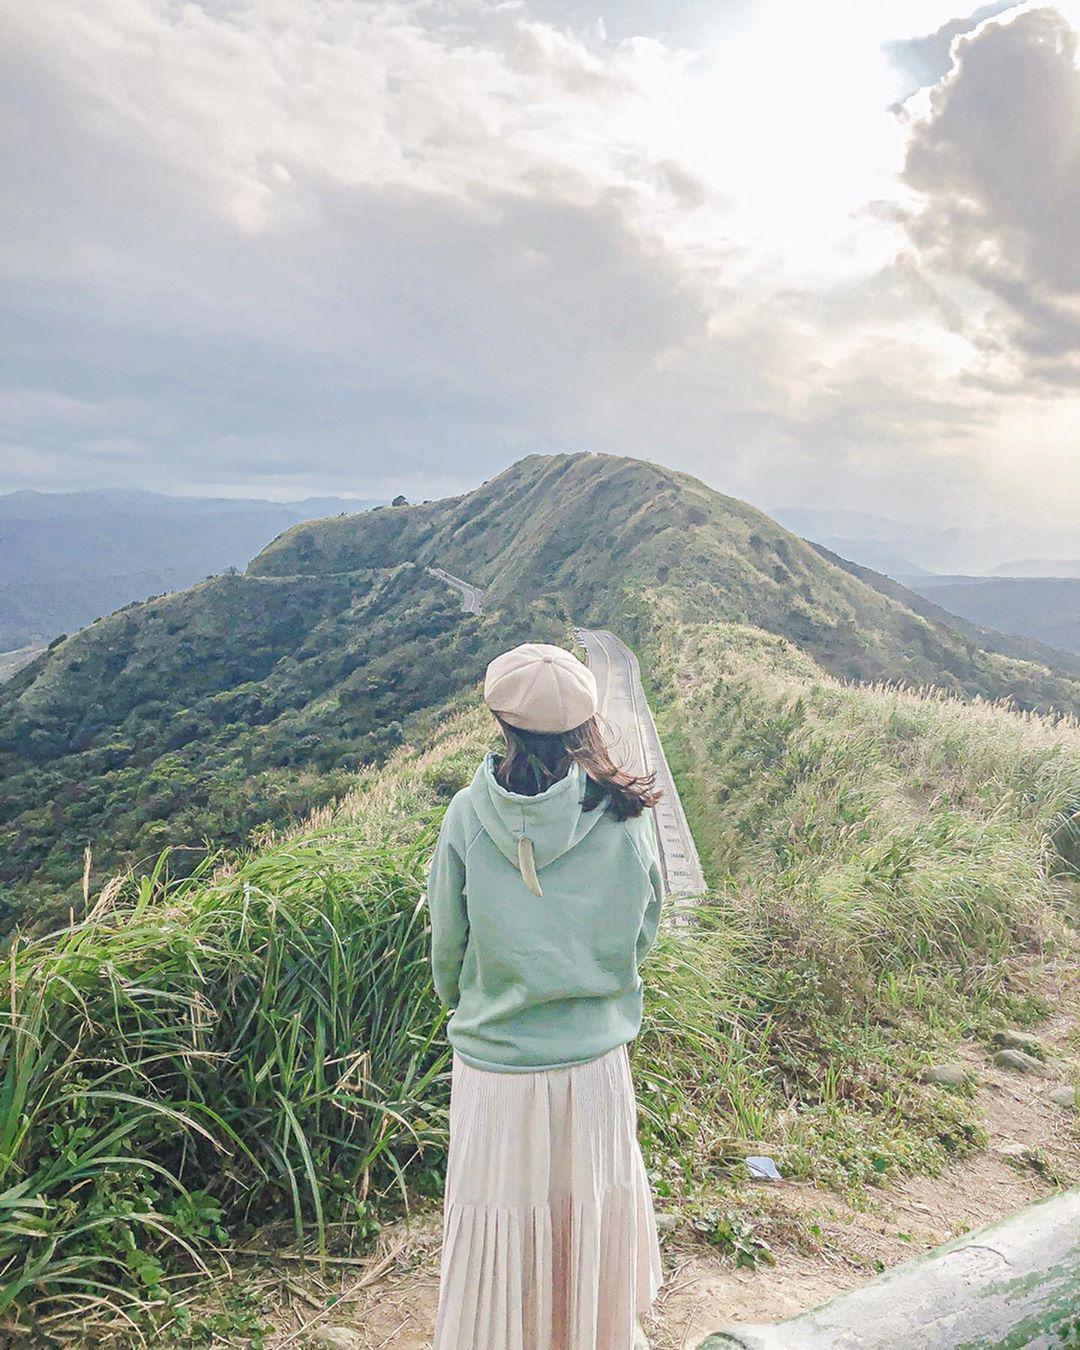 Photo by 楊凱喻 on March 27, 2020. 圖像裡可能有一或多人、大家站著、天空、雲、山、戶外和大自然